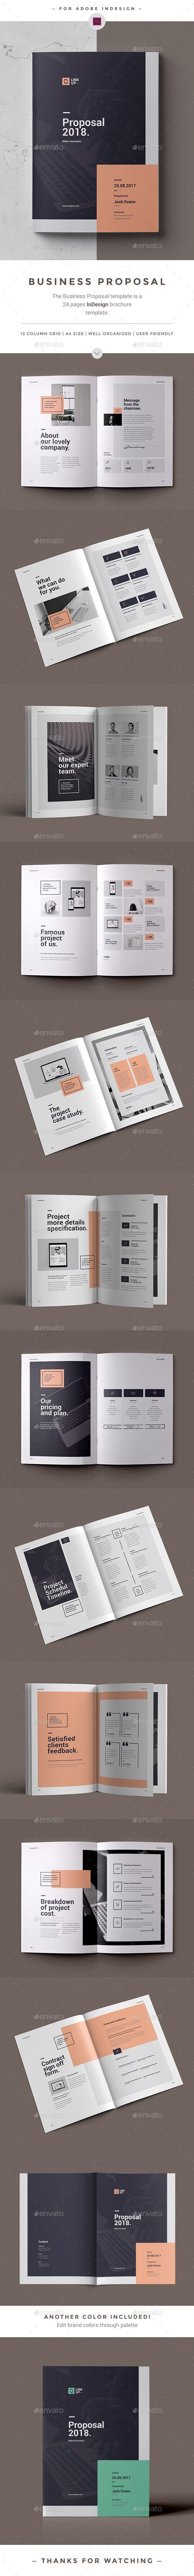 提案 -  InDesign INDD #project提案#best提案•可在此处访问➝https://graphicriver.net/item/proposal/20775208?ref=pxcr